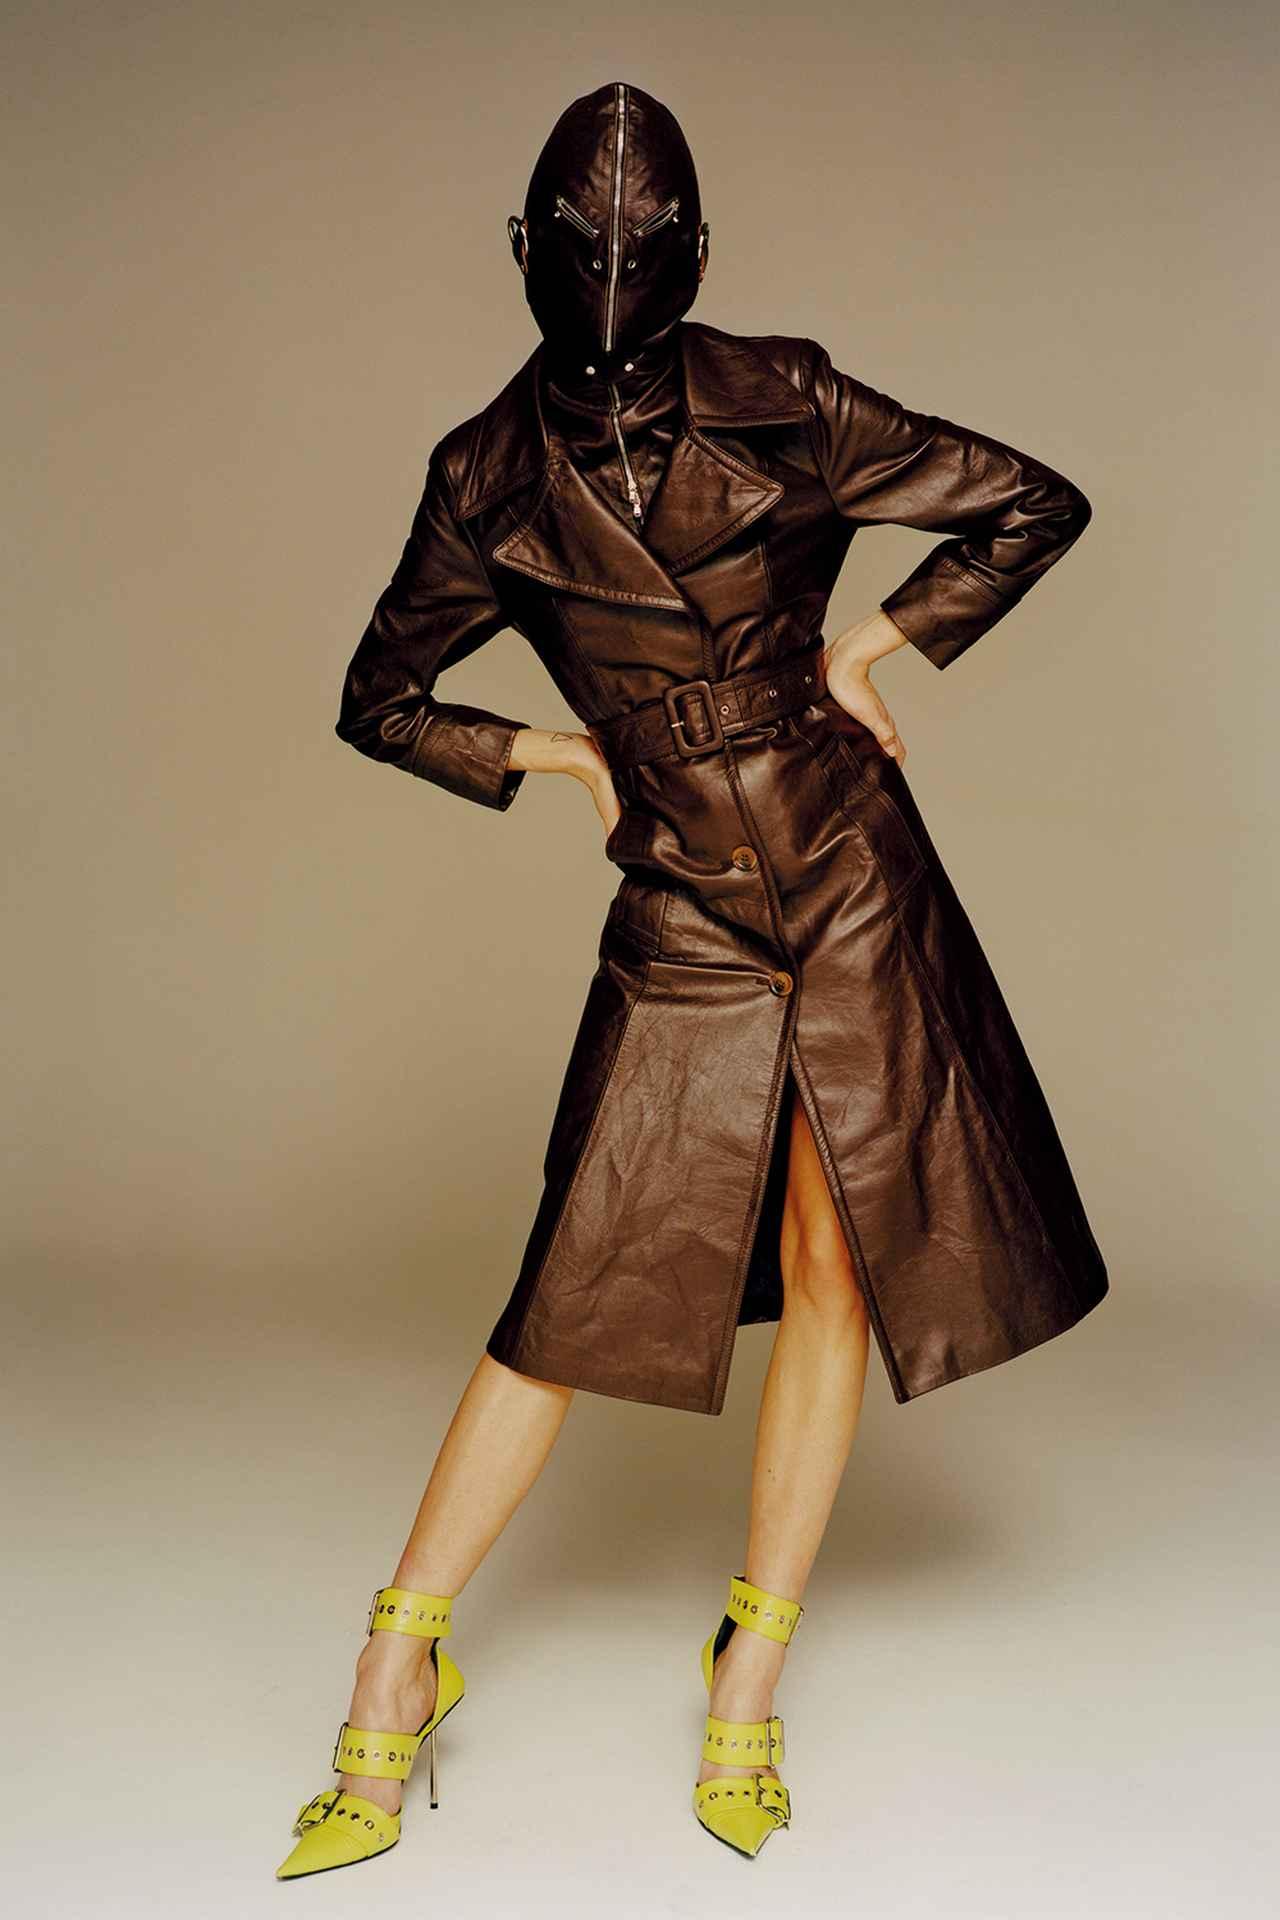 Images : 8番目の画像 - 「次に来るものは何? ファッションが描く 未来図に異変あり」のアルバム - T JAPAN:The New York Times Style Magazine 公式サイト